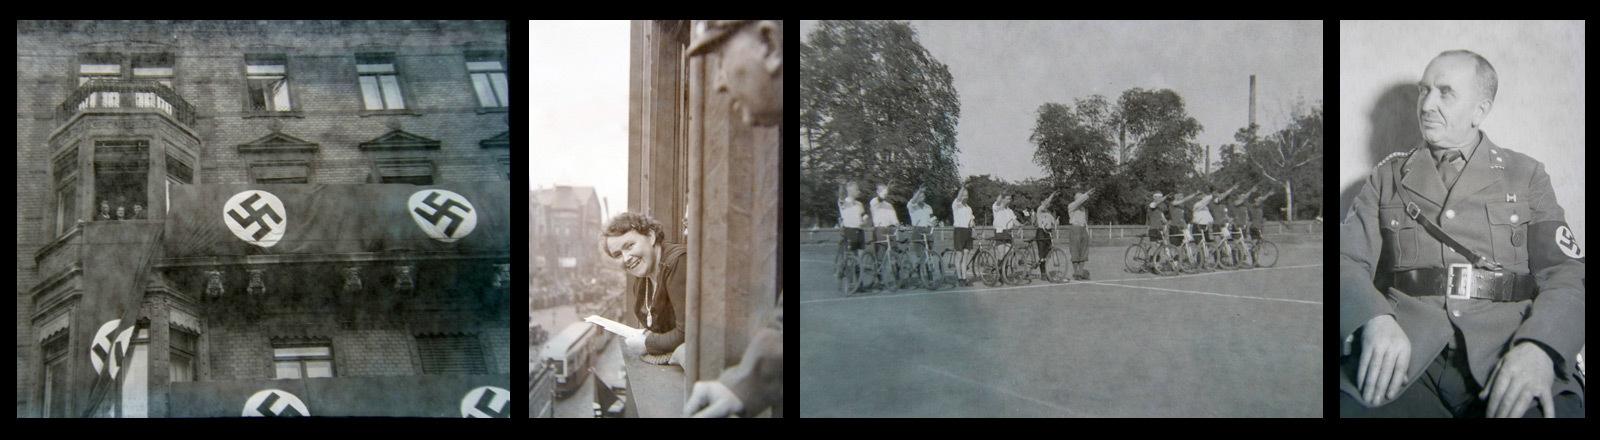 Fotos aus der Nazizeit